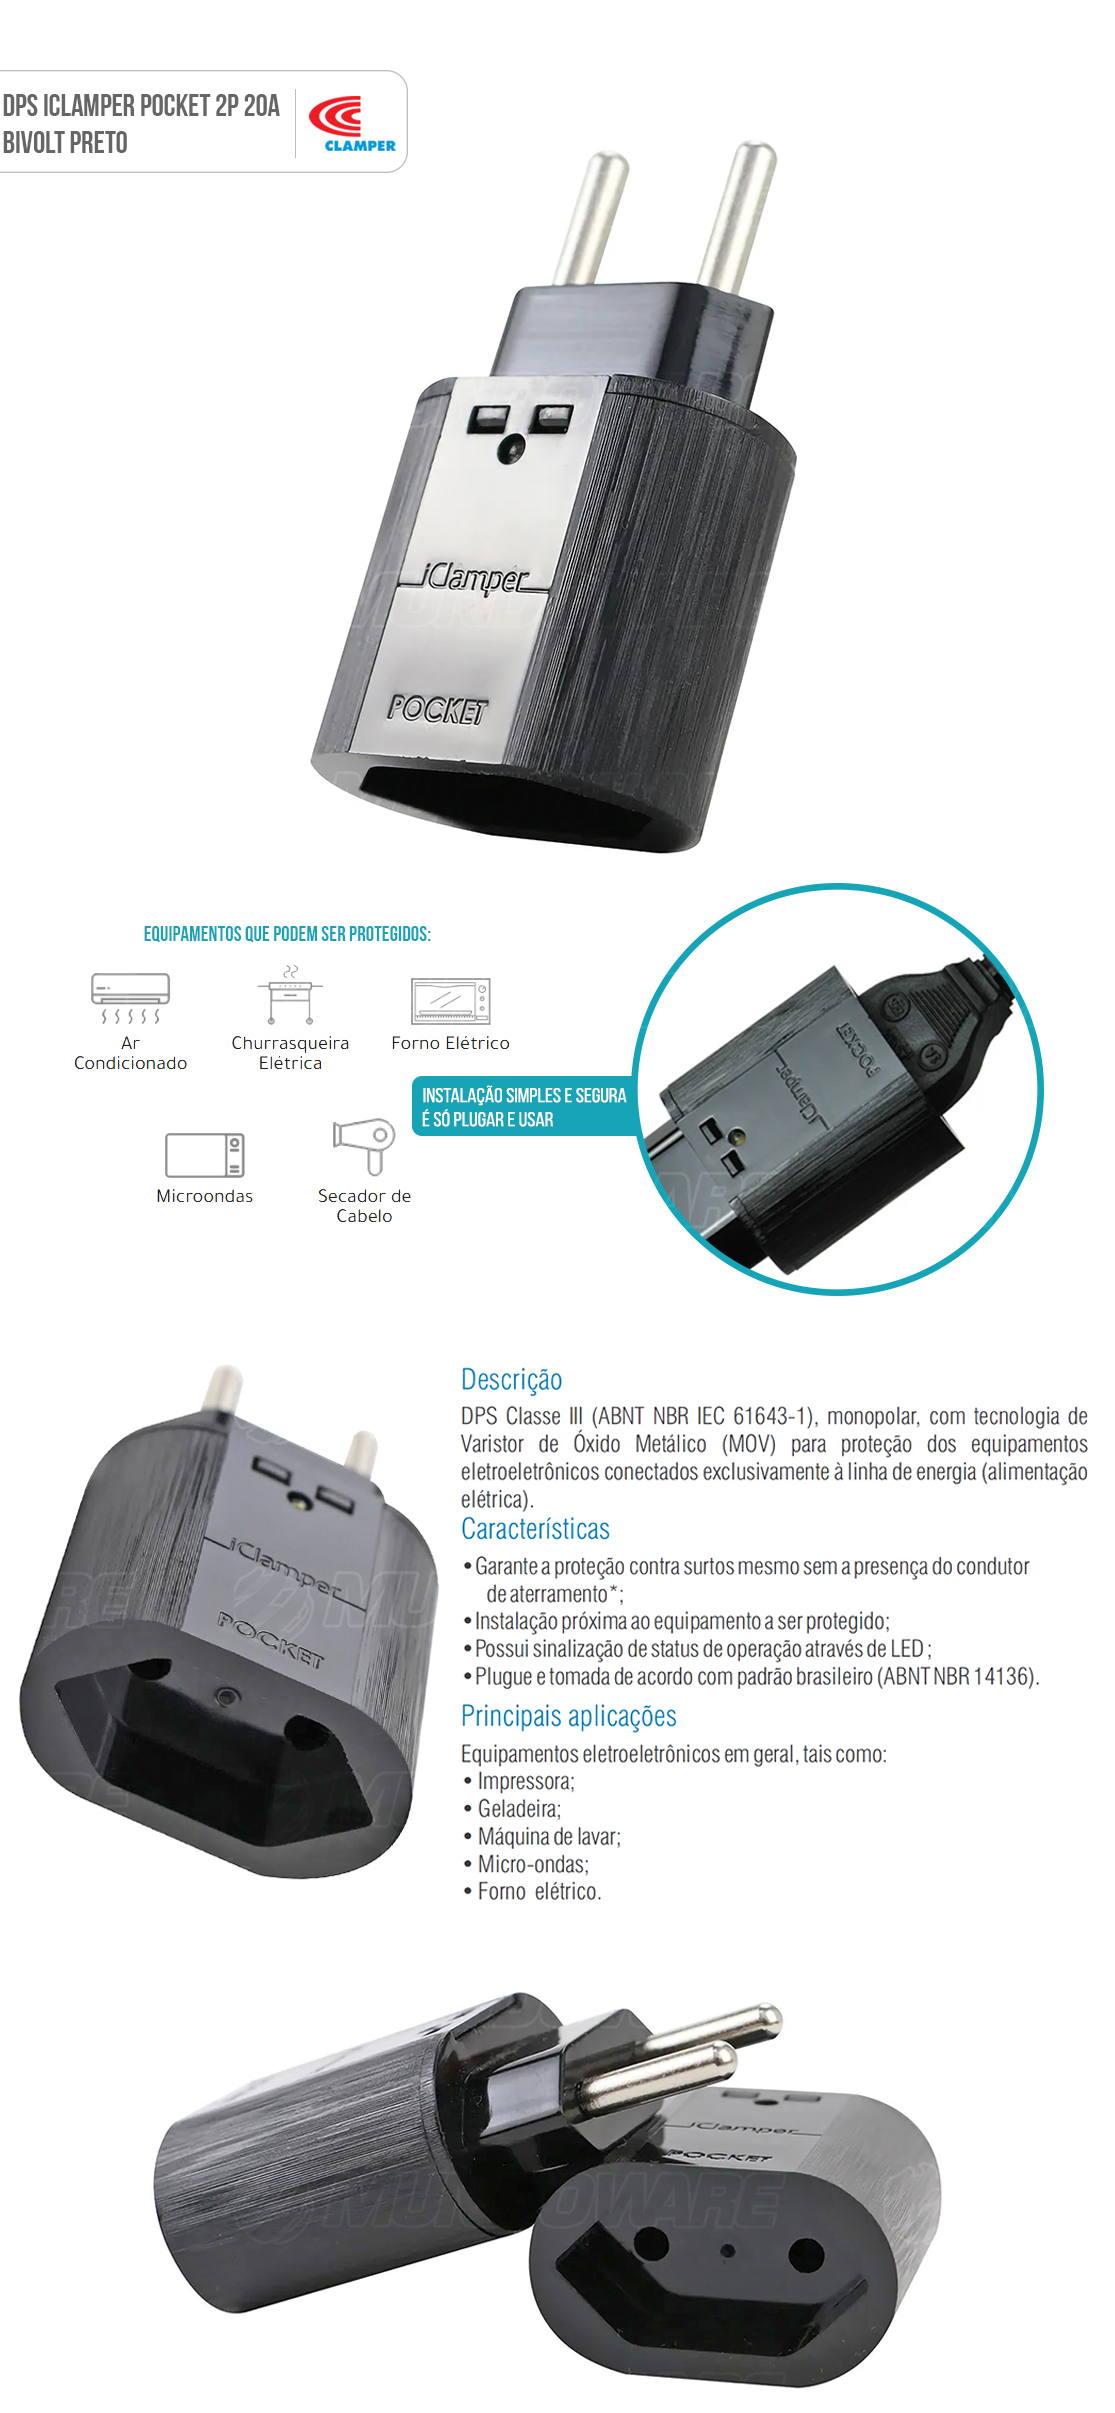 iClamper Pocket 2P 20A DPS Clamper Preto Proteção Total Contra Raios e Surtos Elétricos para seus Eletroeletrônicos